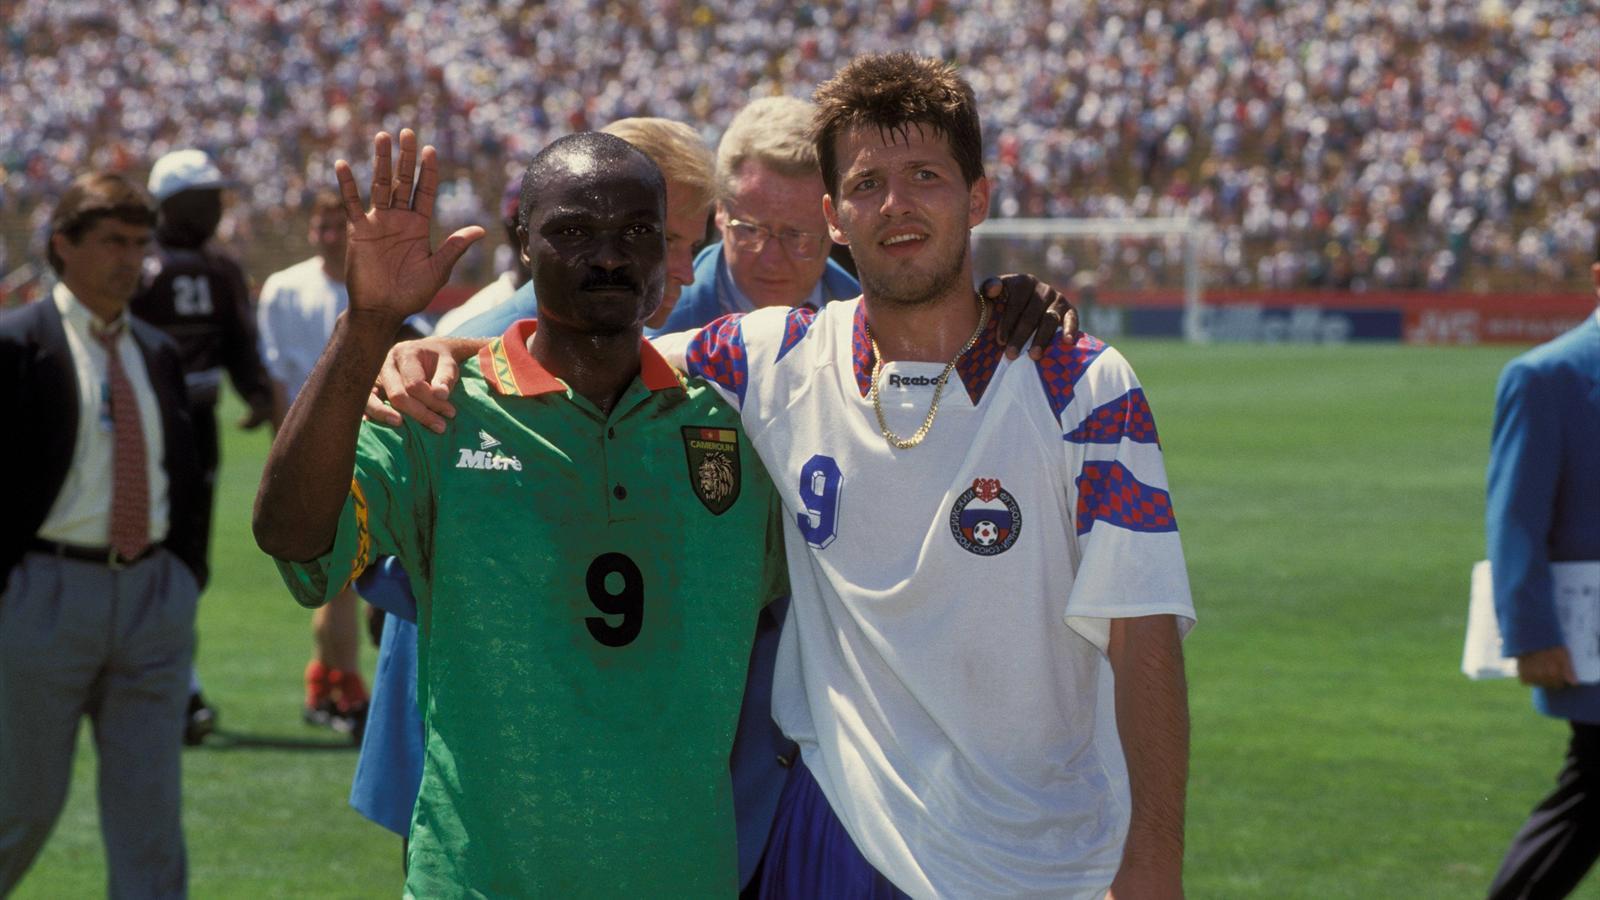 Oleg salenko a marqu 5 buts avec la russie contre le cameroun de roger milla lors de la coupe - Meilleur buteur coupe du monde 1994 ...